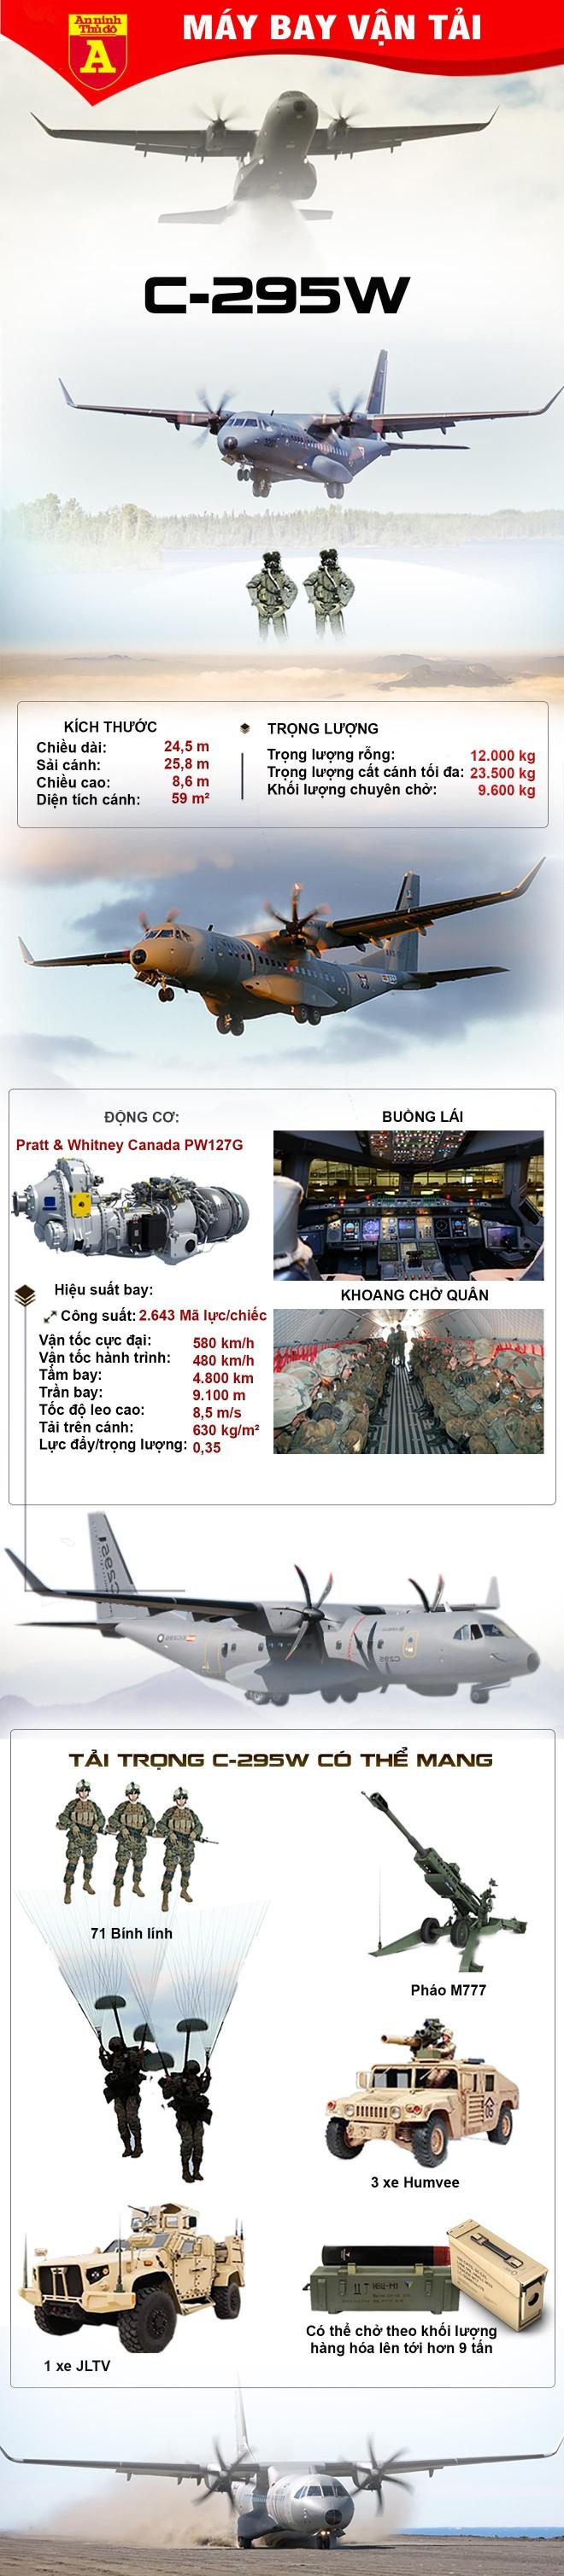 [Info] Ấn Độ mua tới 56 máy bay vận tải C-295W của Airbus ảnh 3